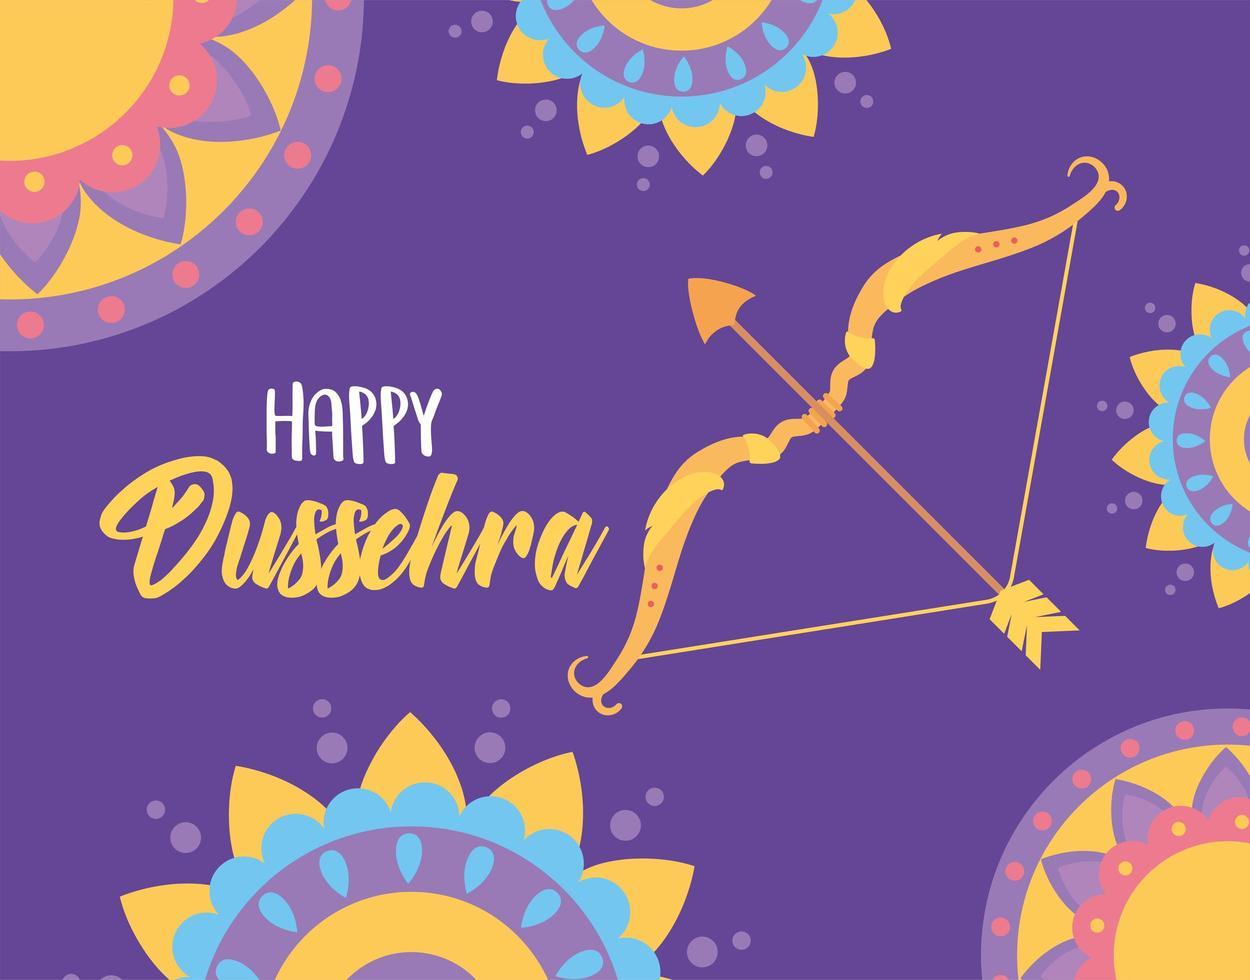 Happy Dussehra Festival von Indien. Mandalas, Pfeil und Bogen vektor